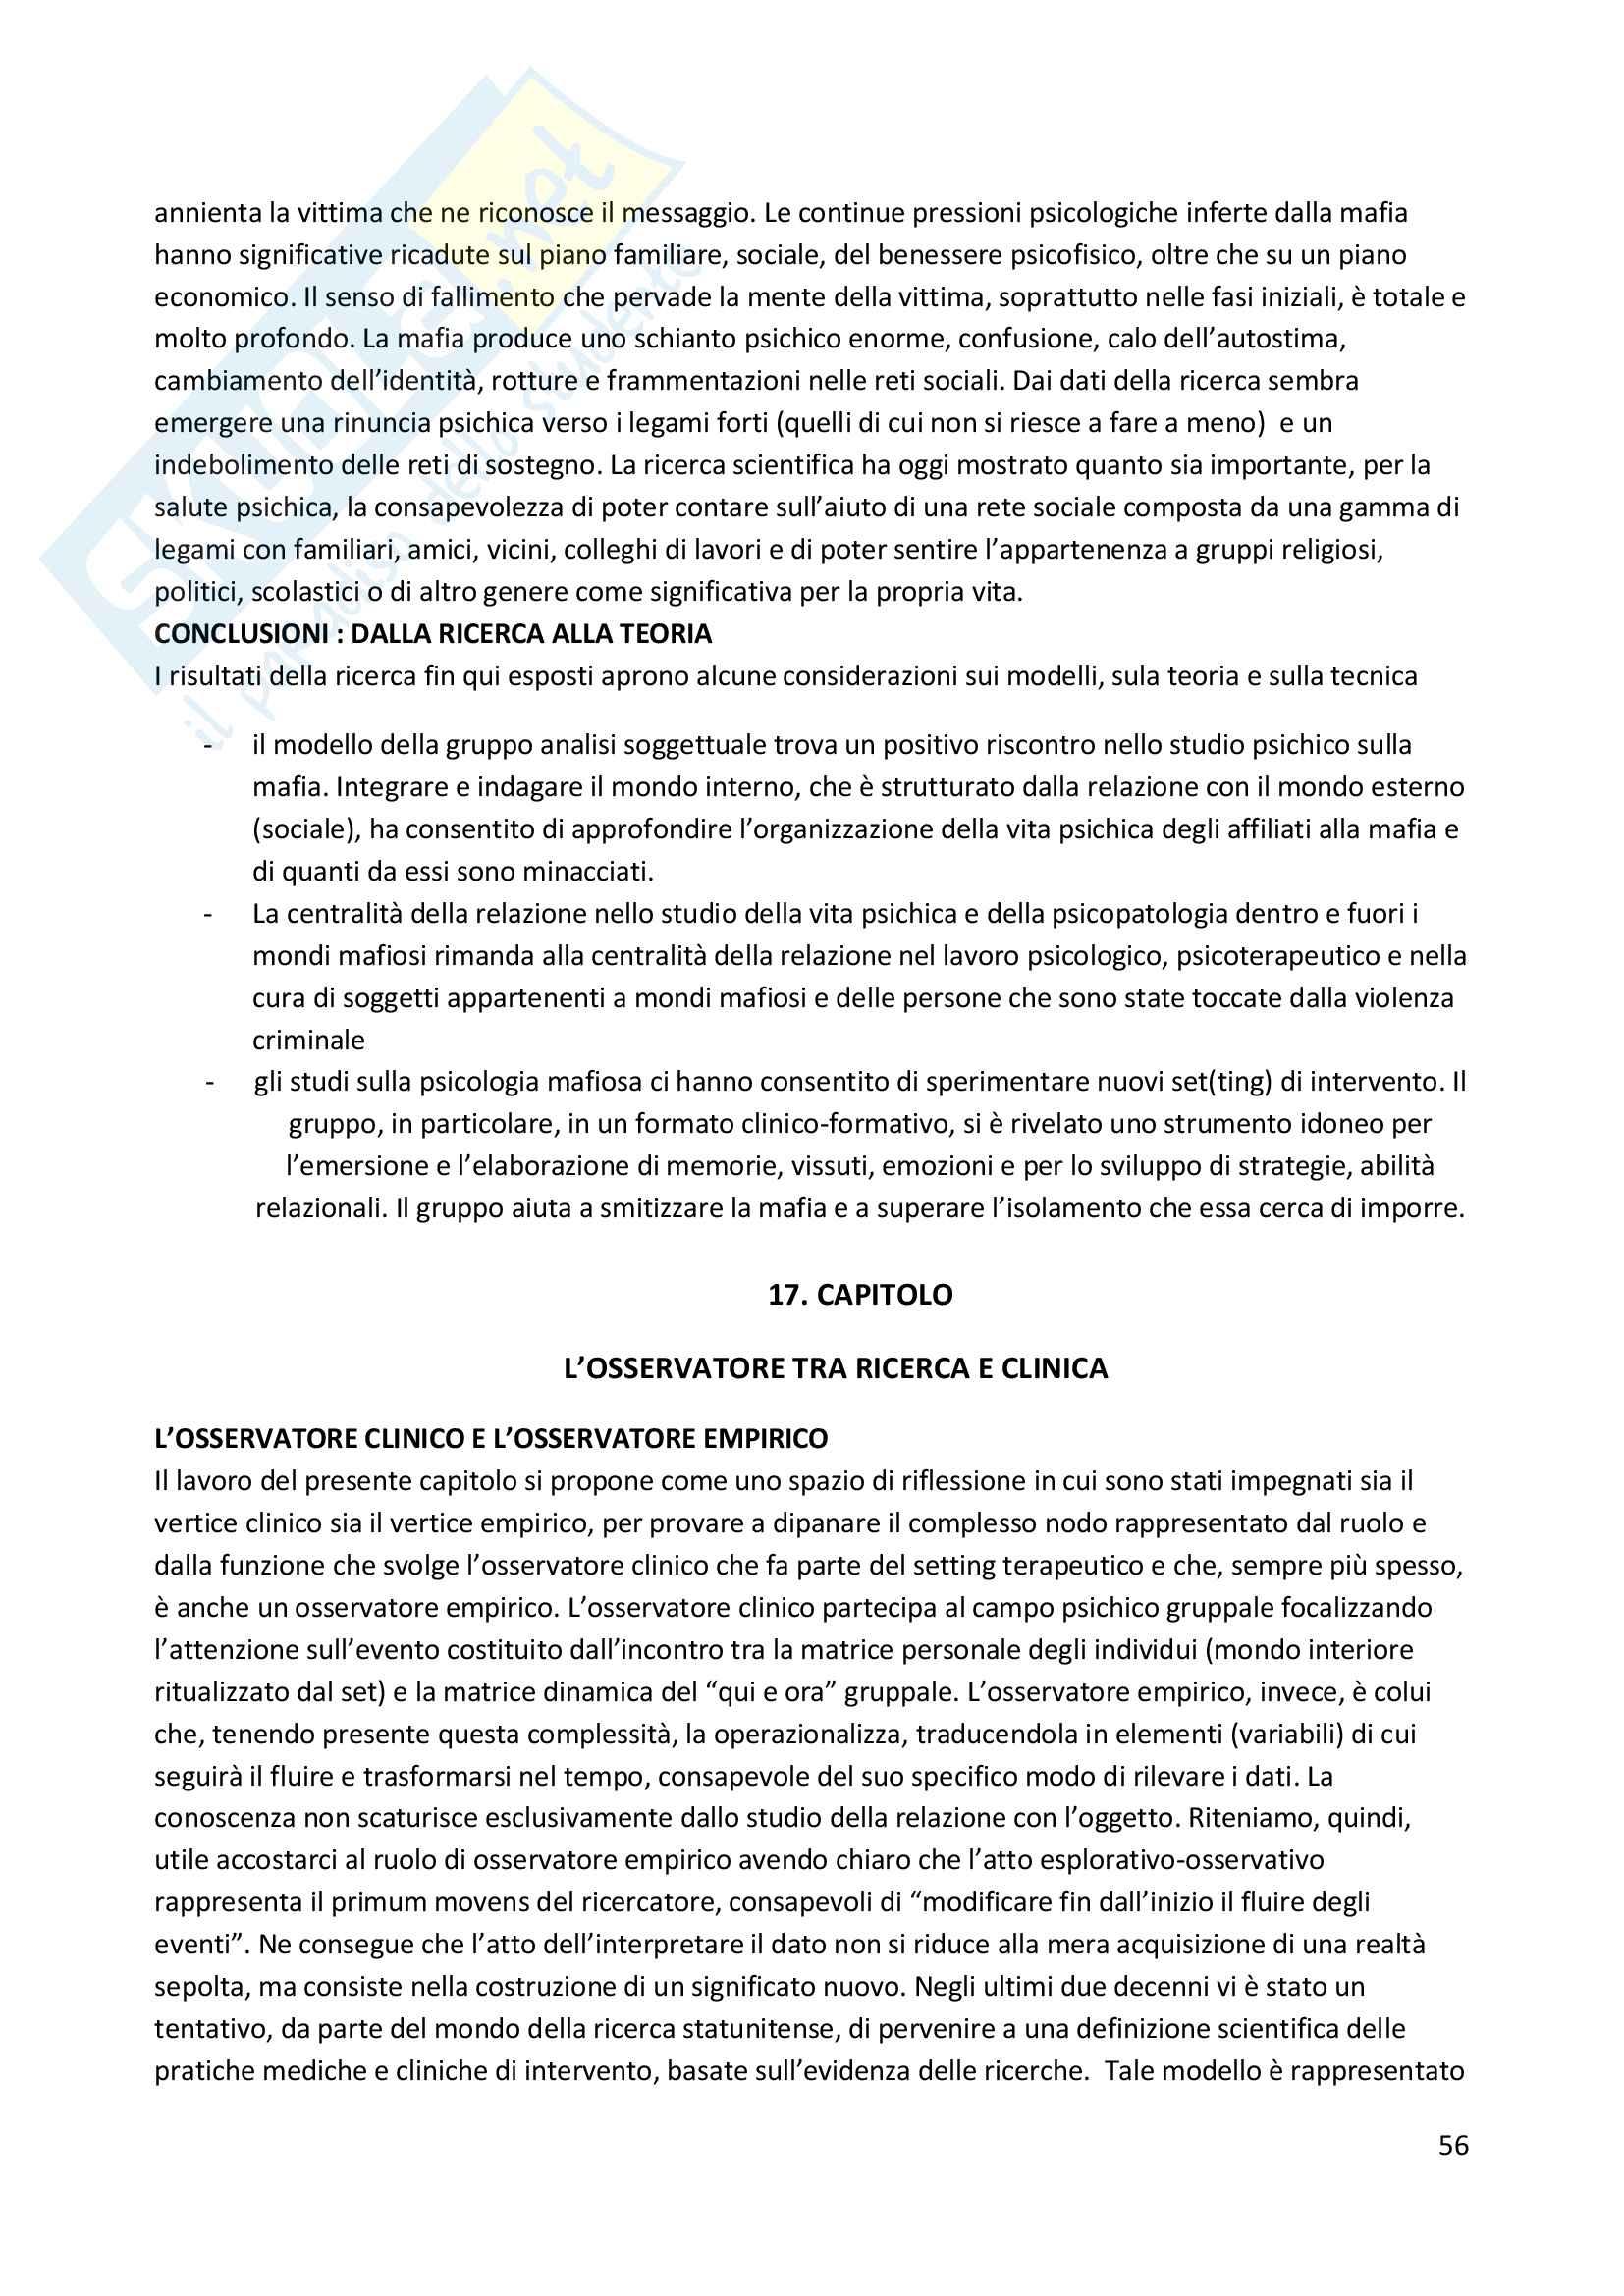 Riassunto esame Psicoterapia, prof. Lo Verso, libro consigliato Gruppoanalisi soggettuale, Lo Verso e Di Blasi Pag. 56